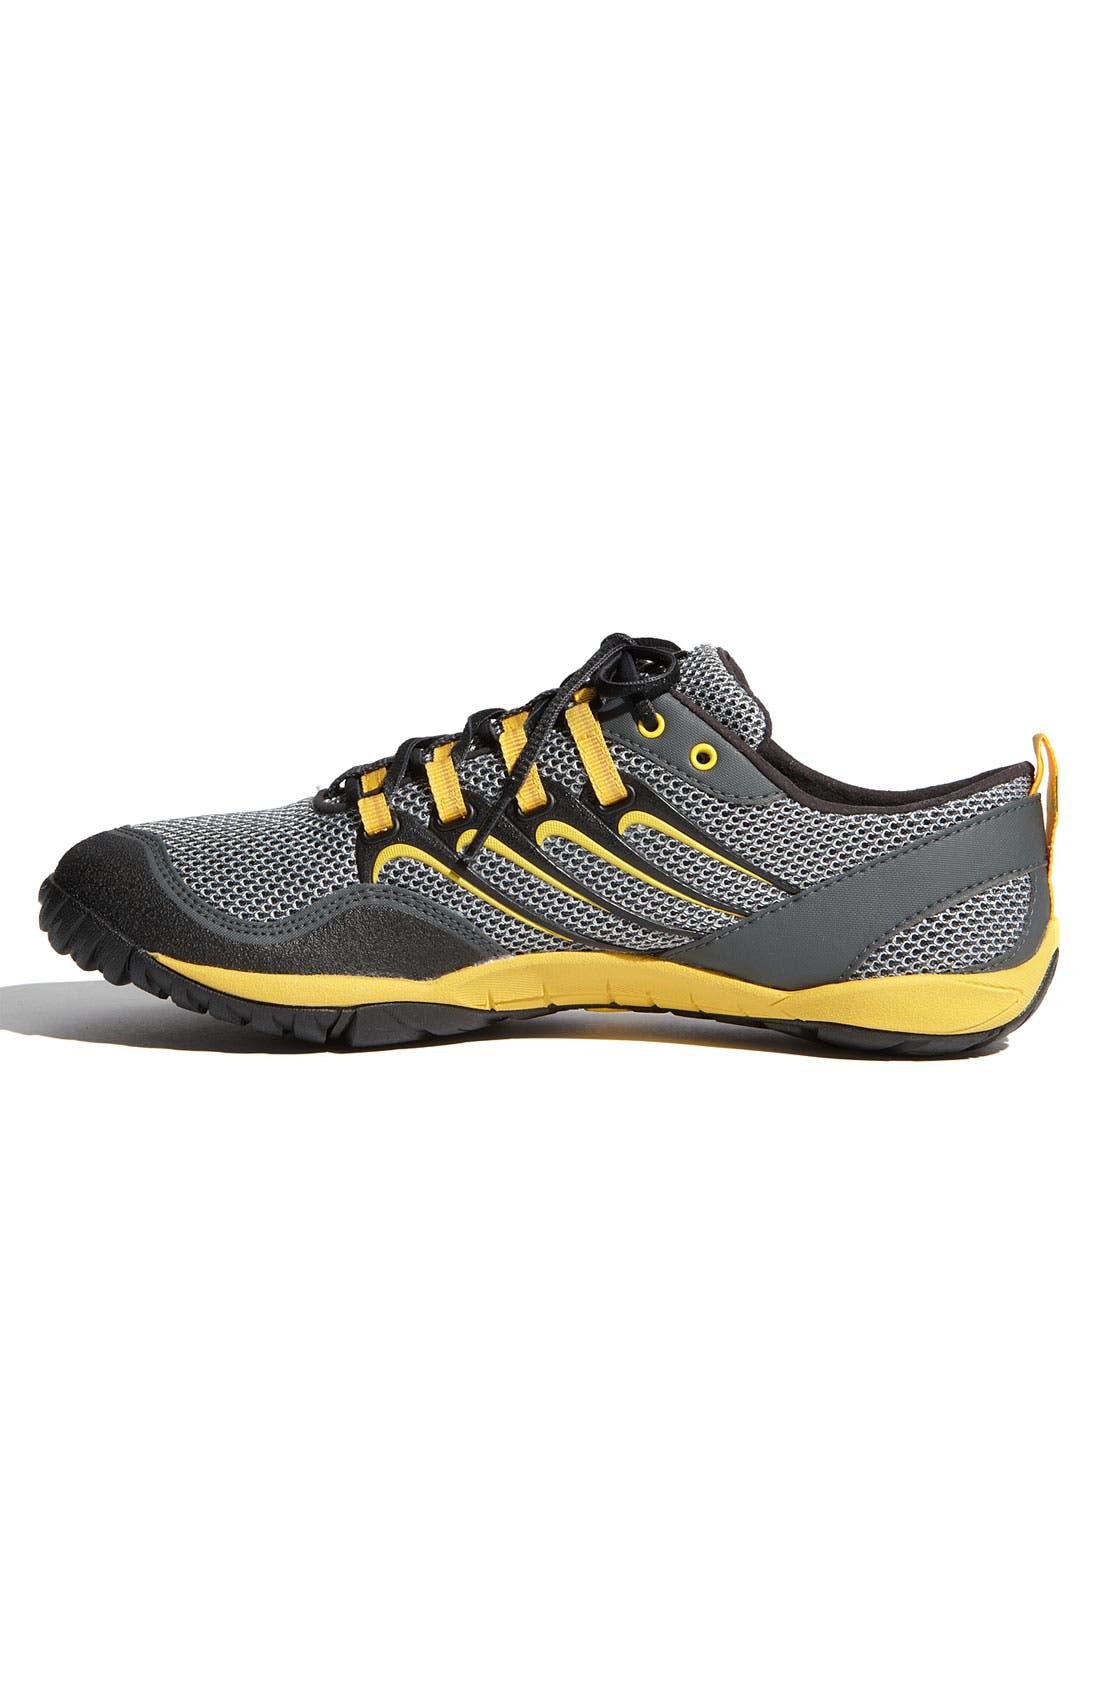 Alternate Image 3  - Merrell 'Trail Glove' Running Shoe (Men)